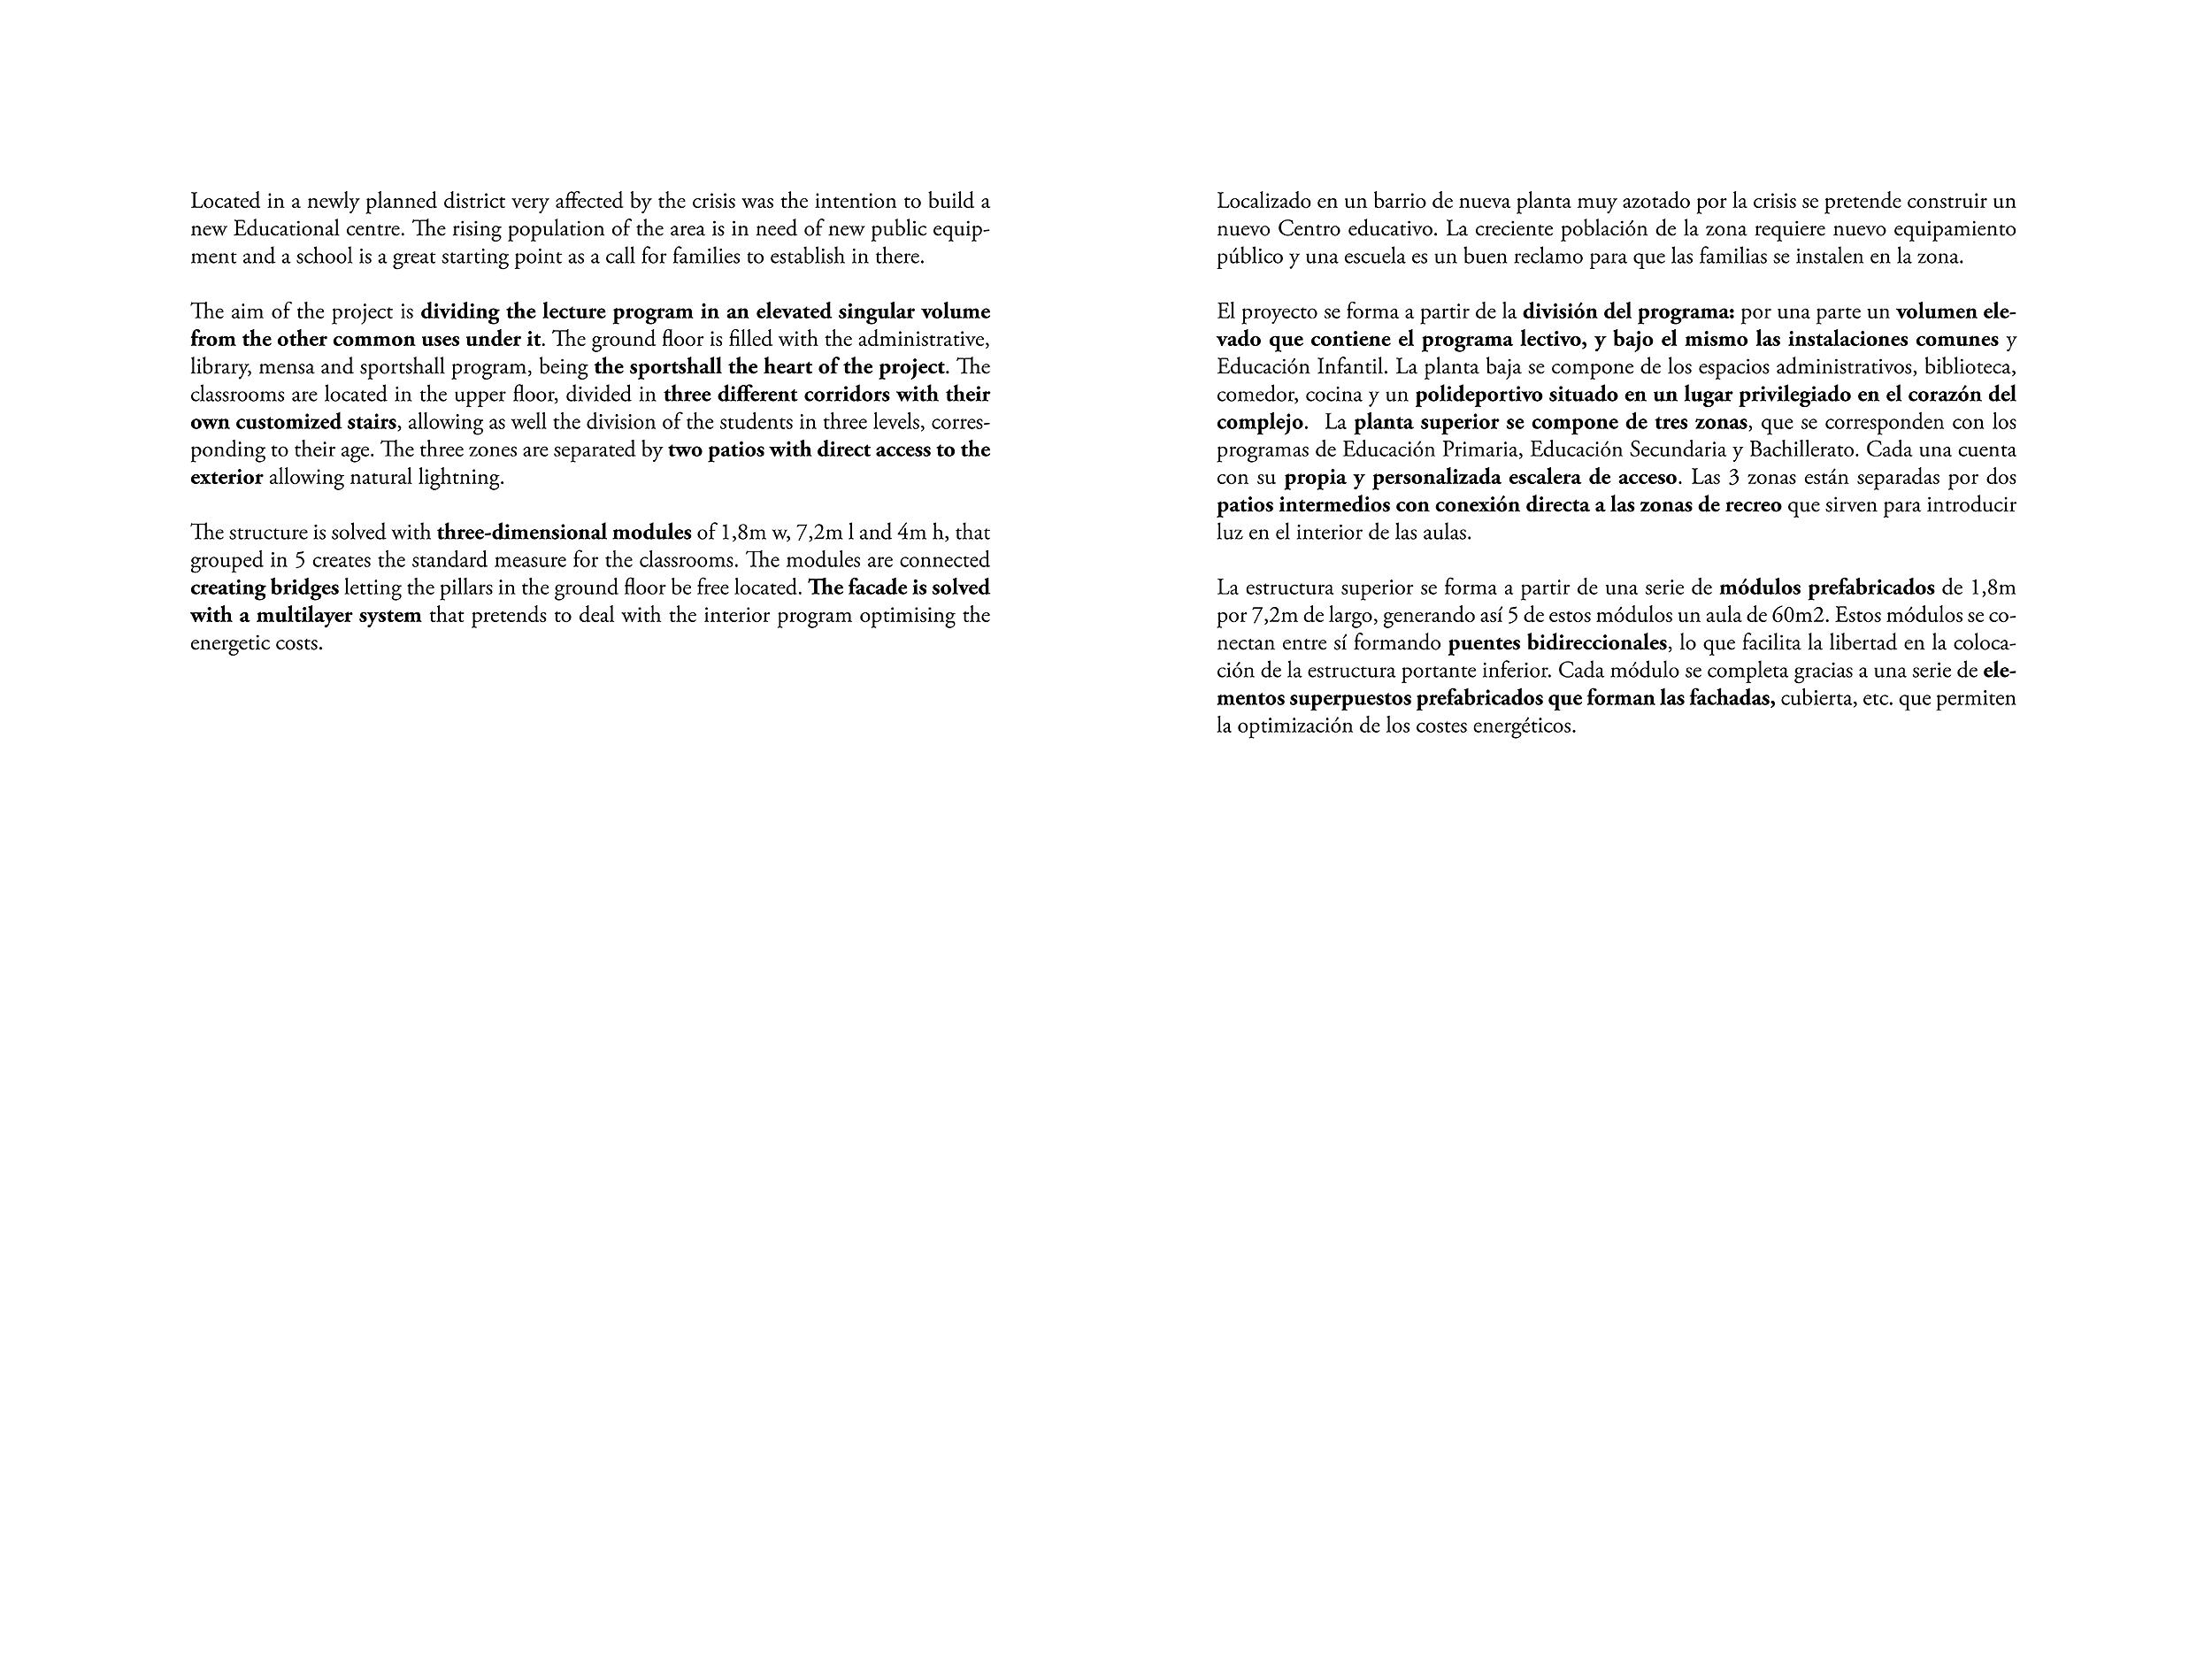 Texto Escuela-01.png